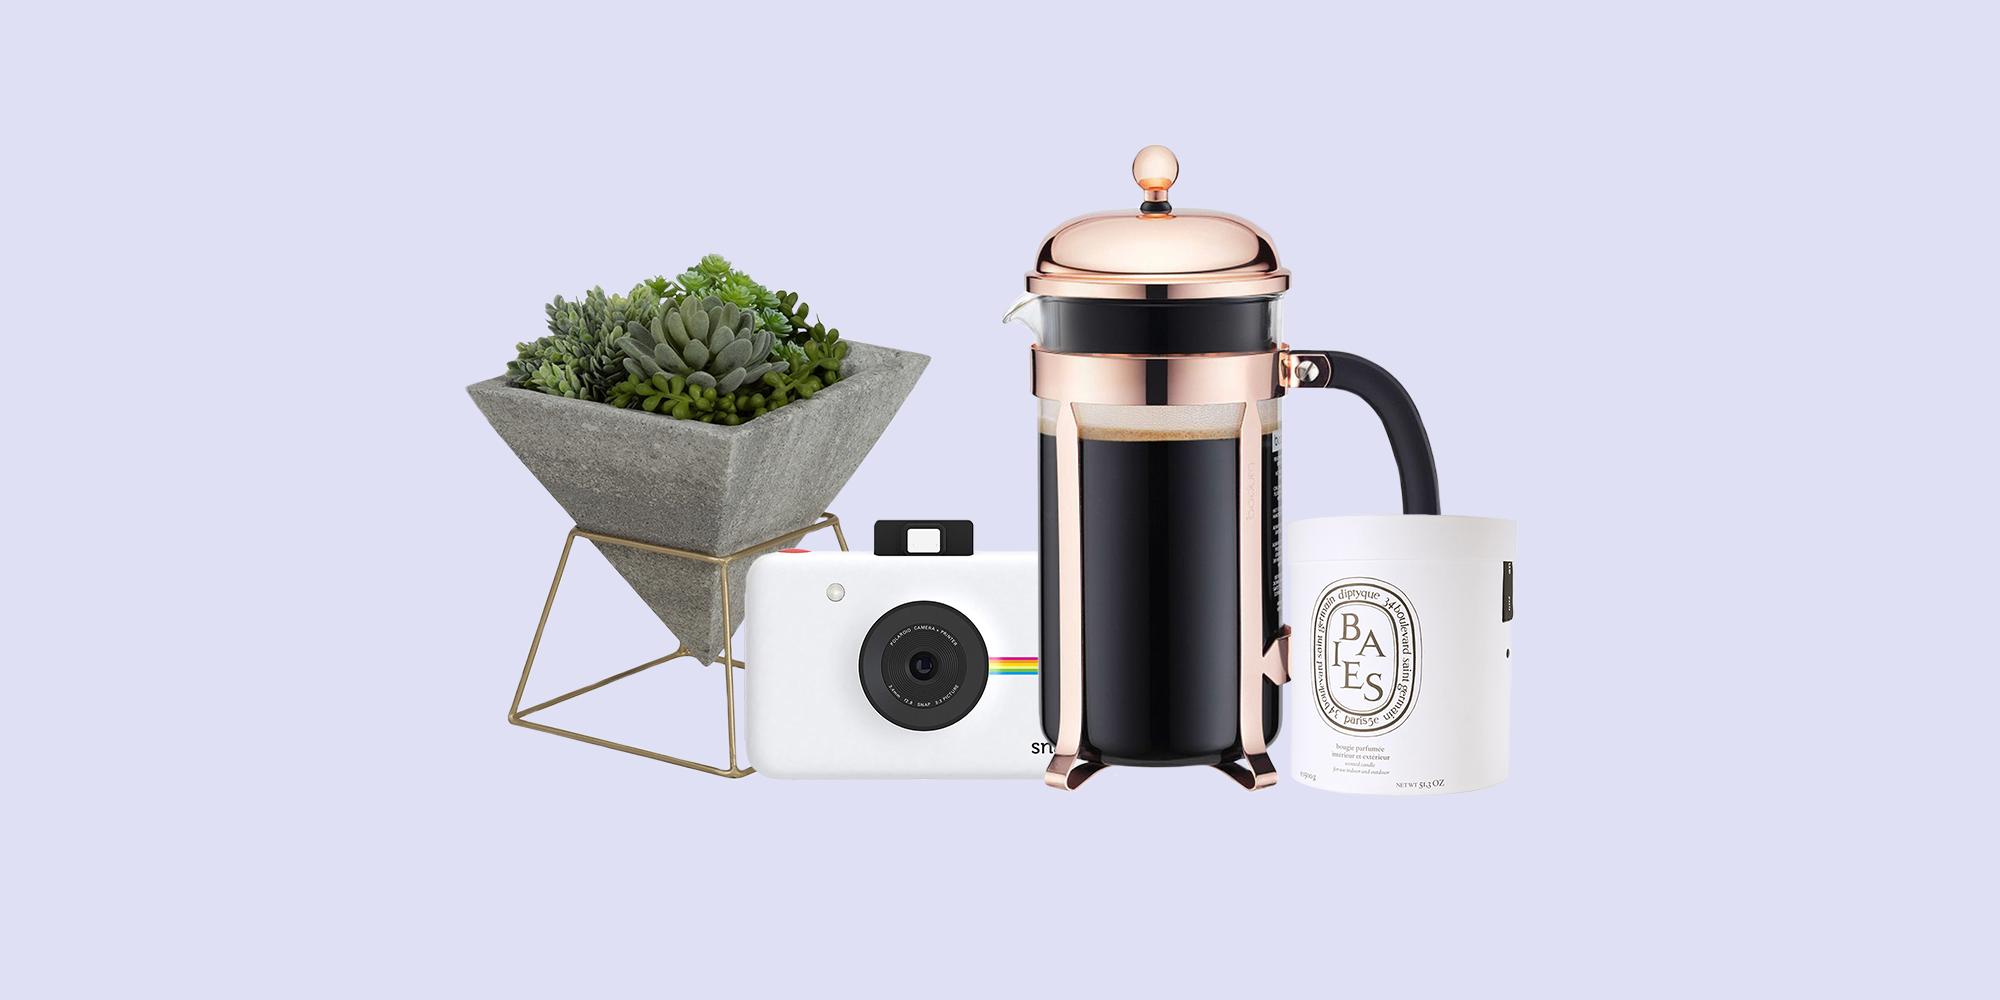 20 Best Wedding Gift Ideas 2020